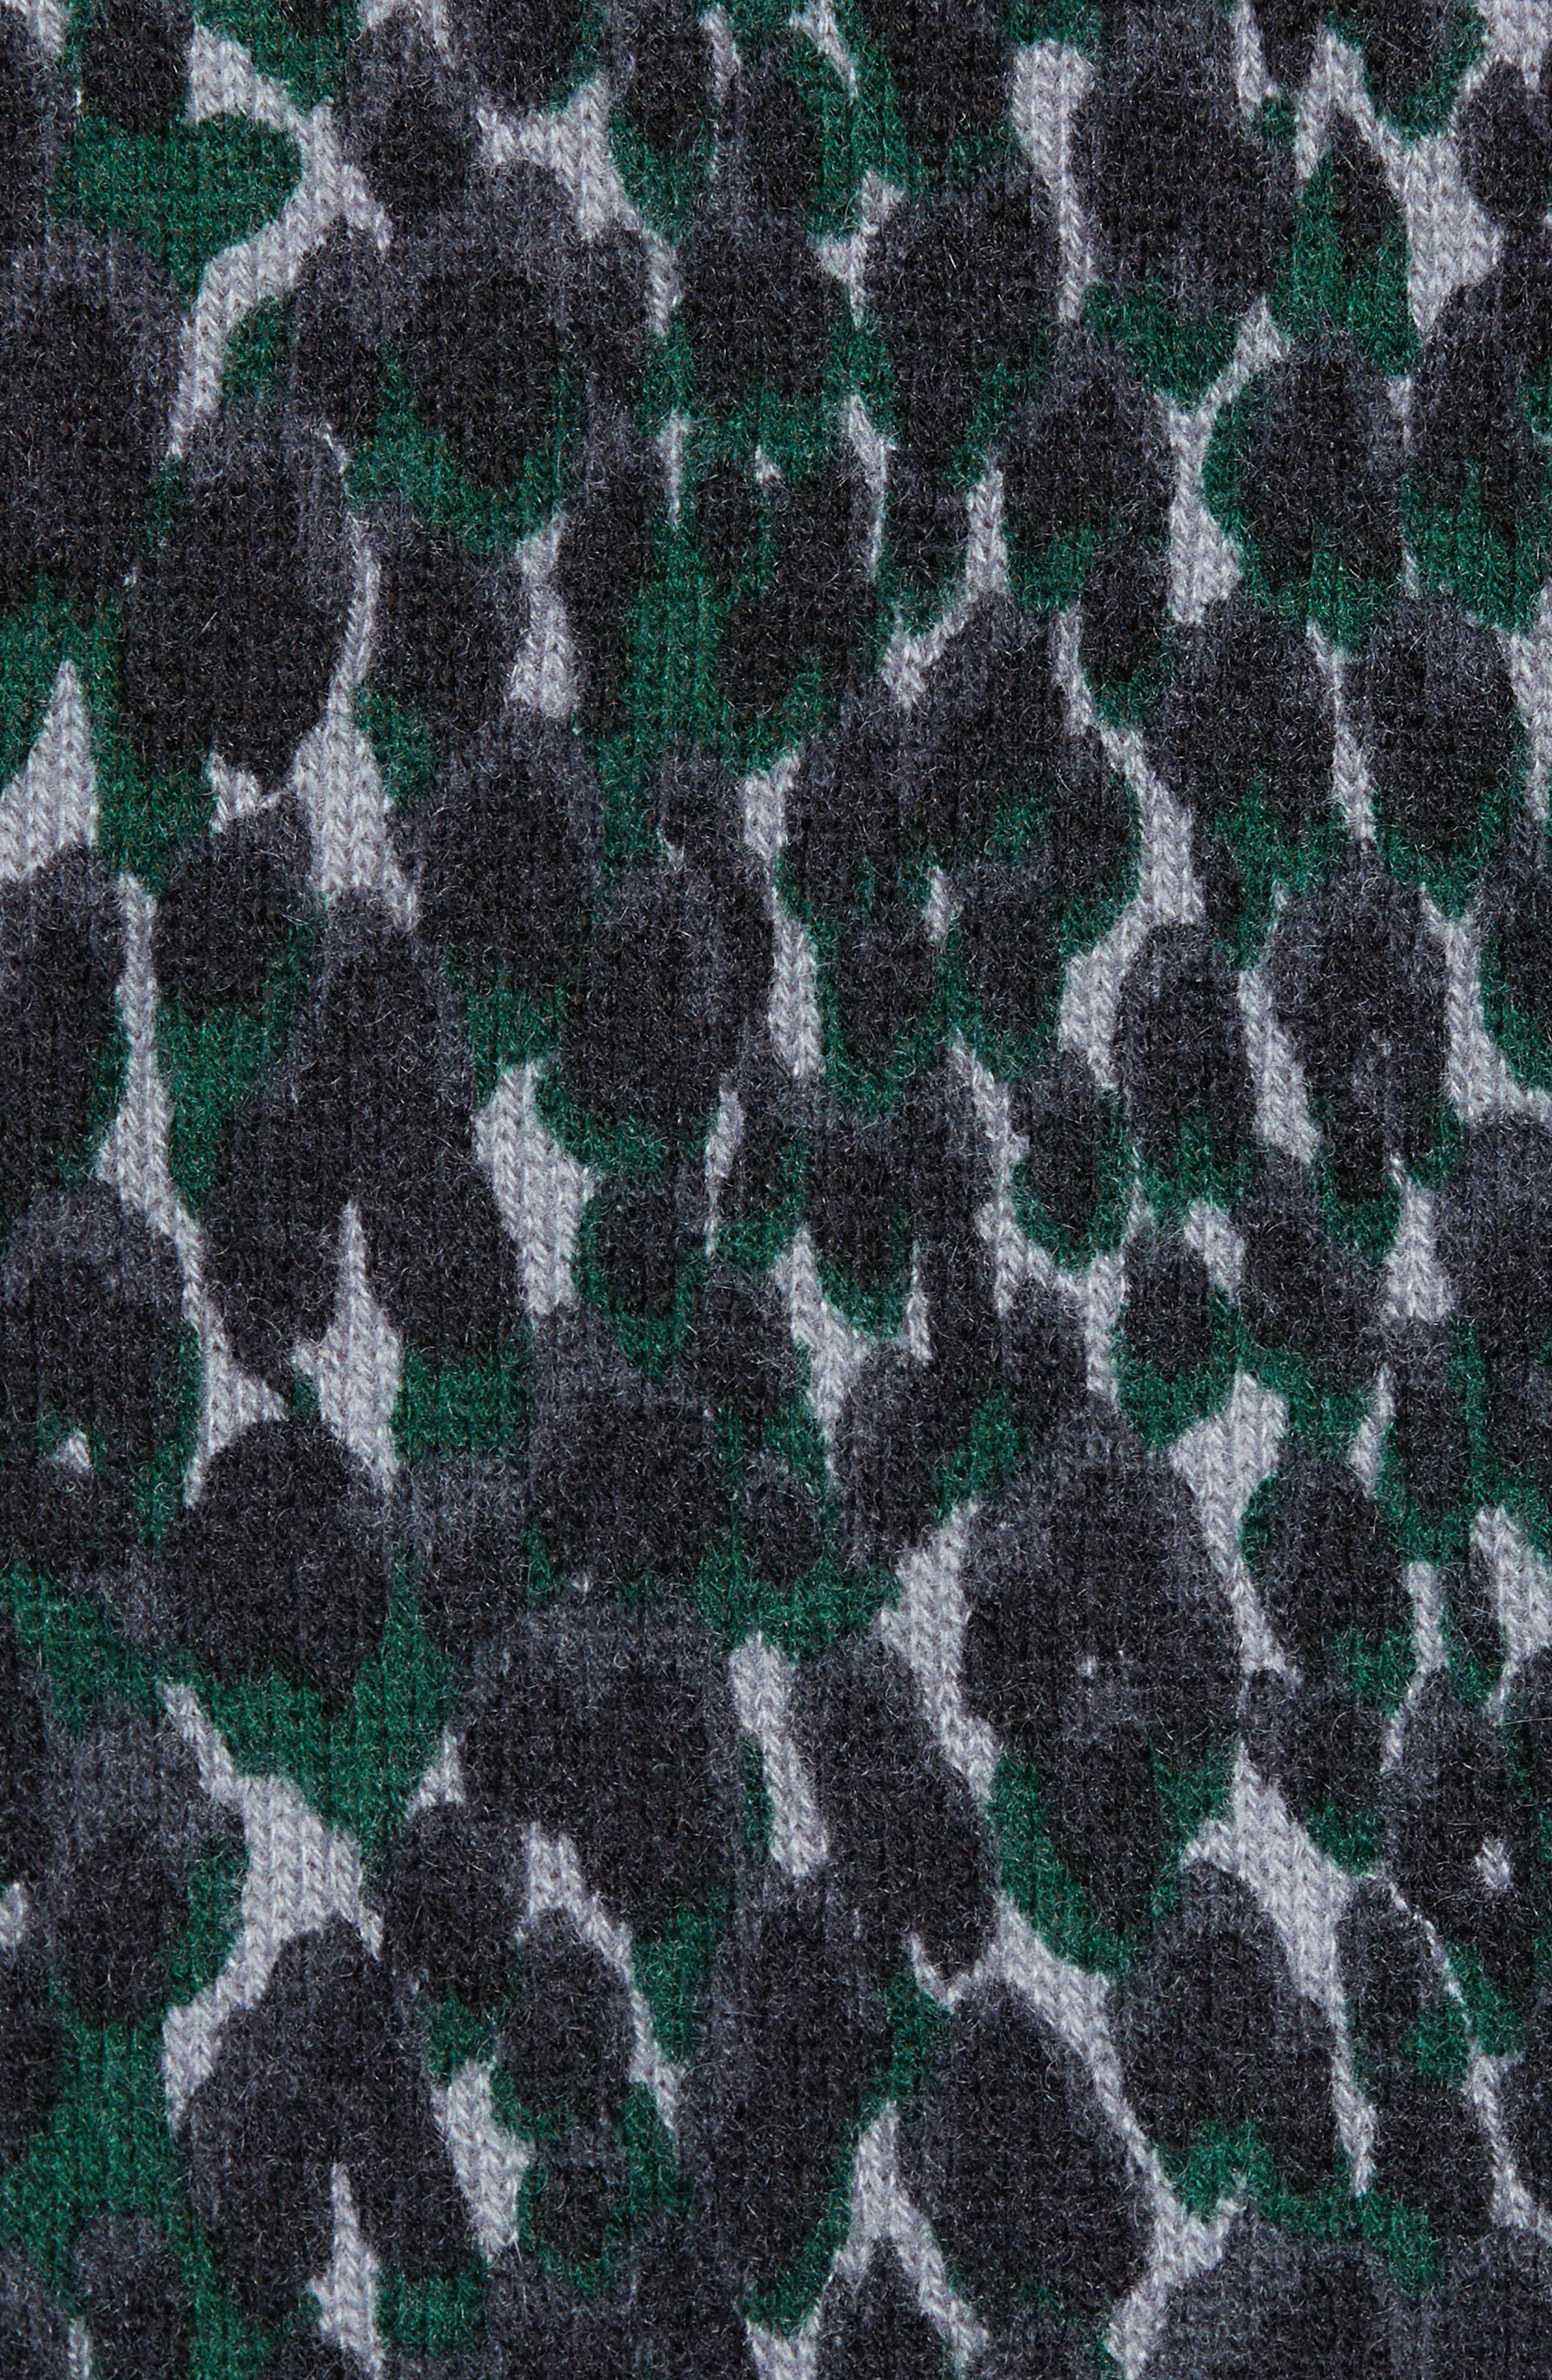 Melanie Leopard Print Cashmere Sweater,                             Alternate thumbnail 5, color,                             073